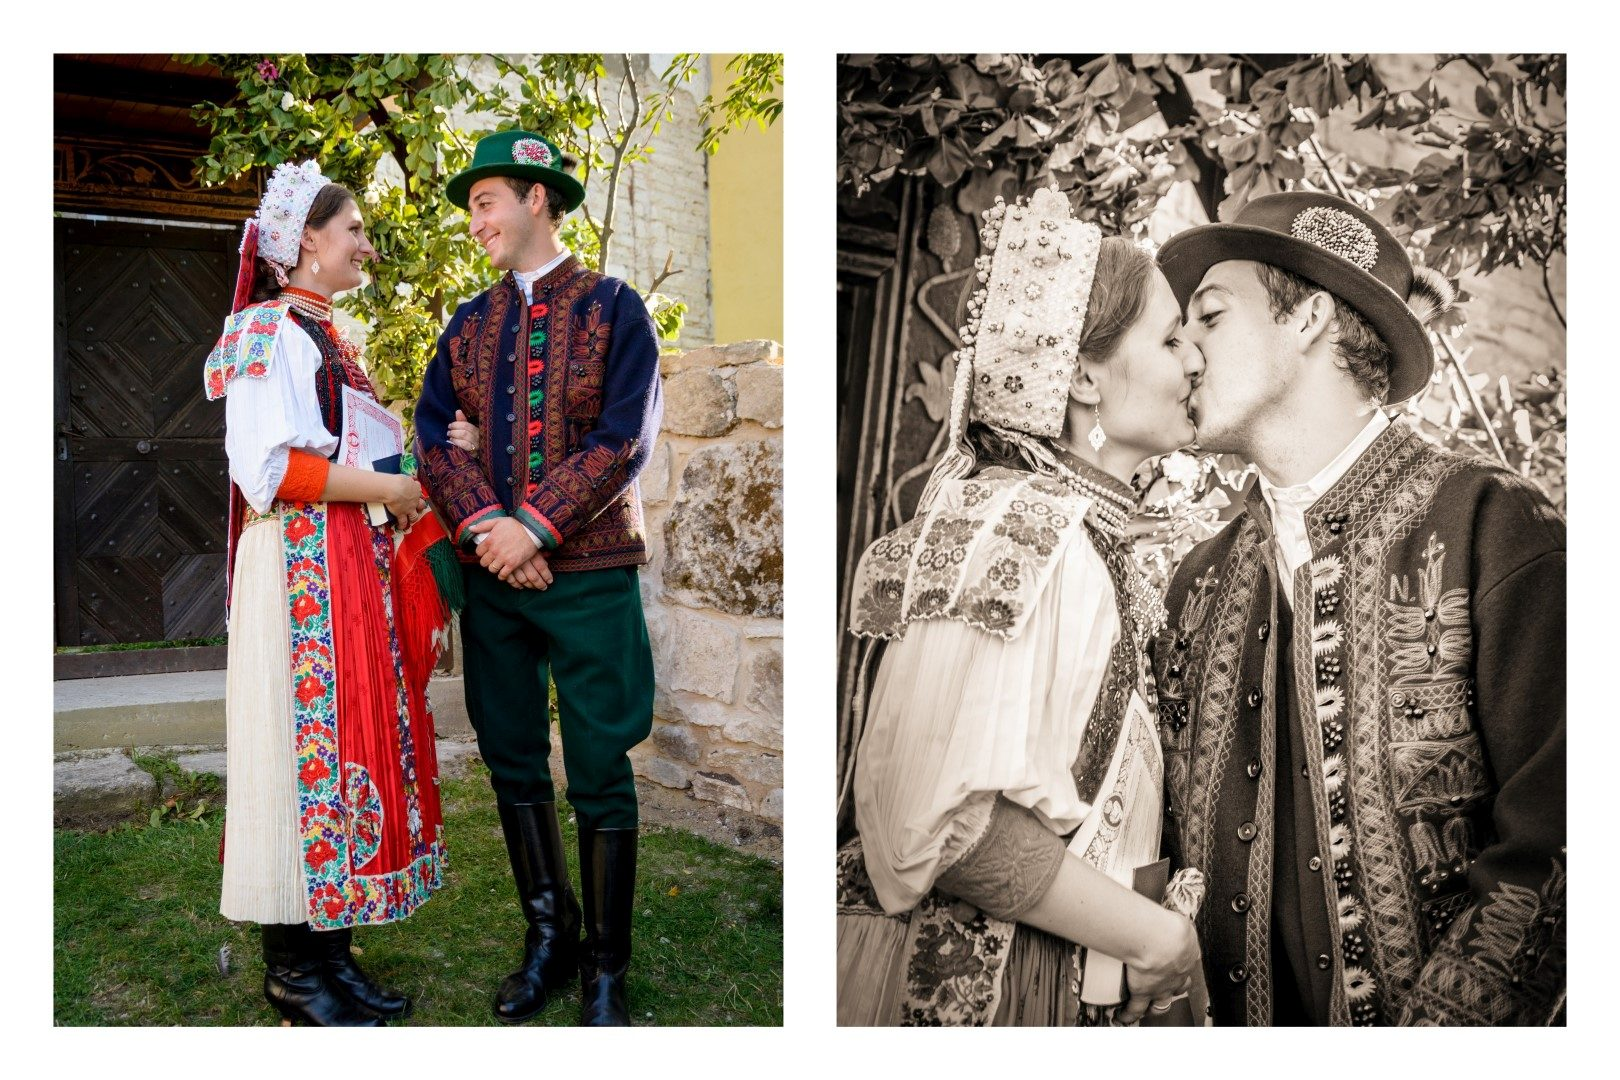 b75cd4f075 Kalotaszegi templomi esketés után az ifjú pár, 2015, Fotók: Molnár Ábel